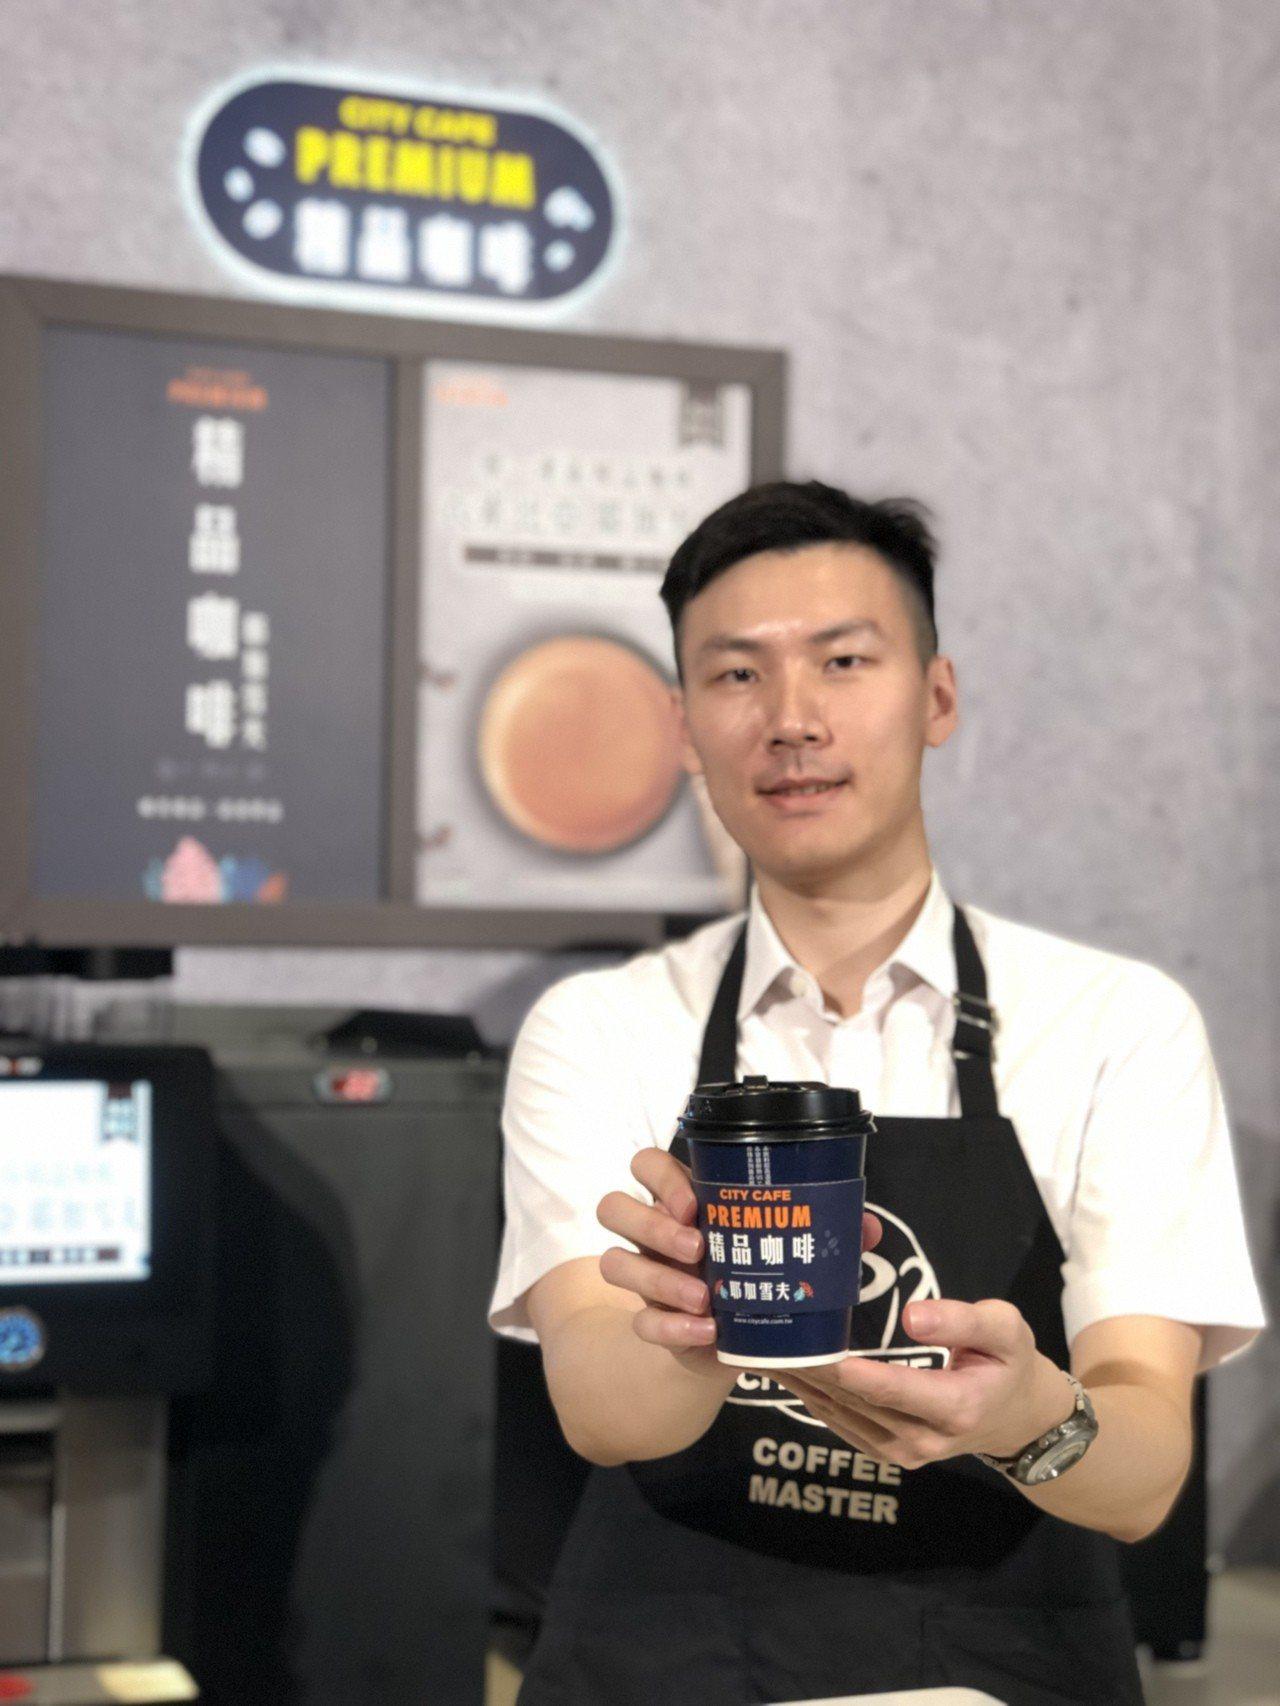 統一超旗下的7-11超商今天發表旗下City Cafe所推出的高價咖啡,定位為「...